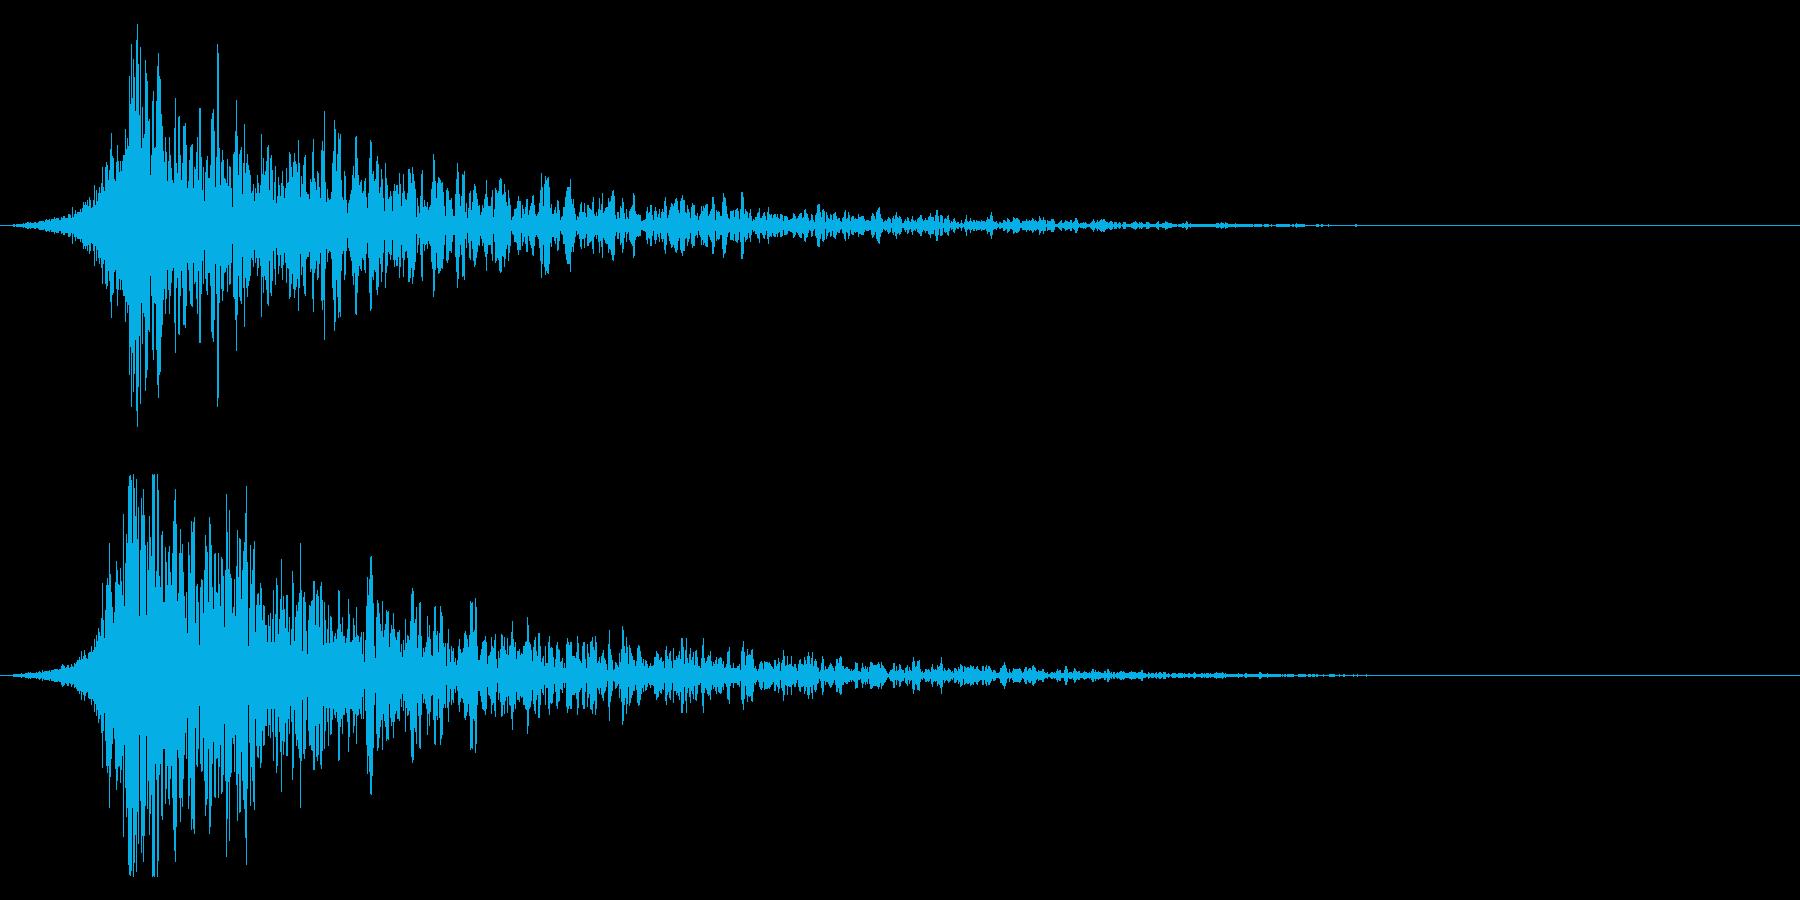 シュードーン-23-2(インパクト音)の再生済みの波形